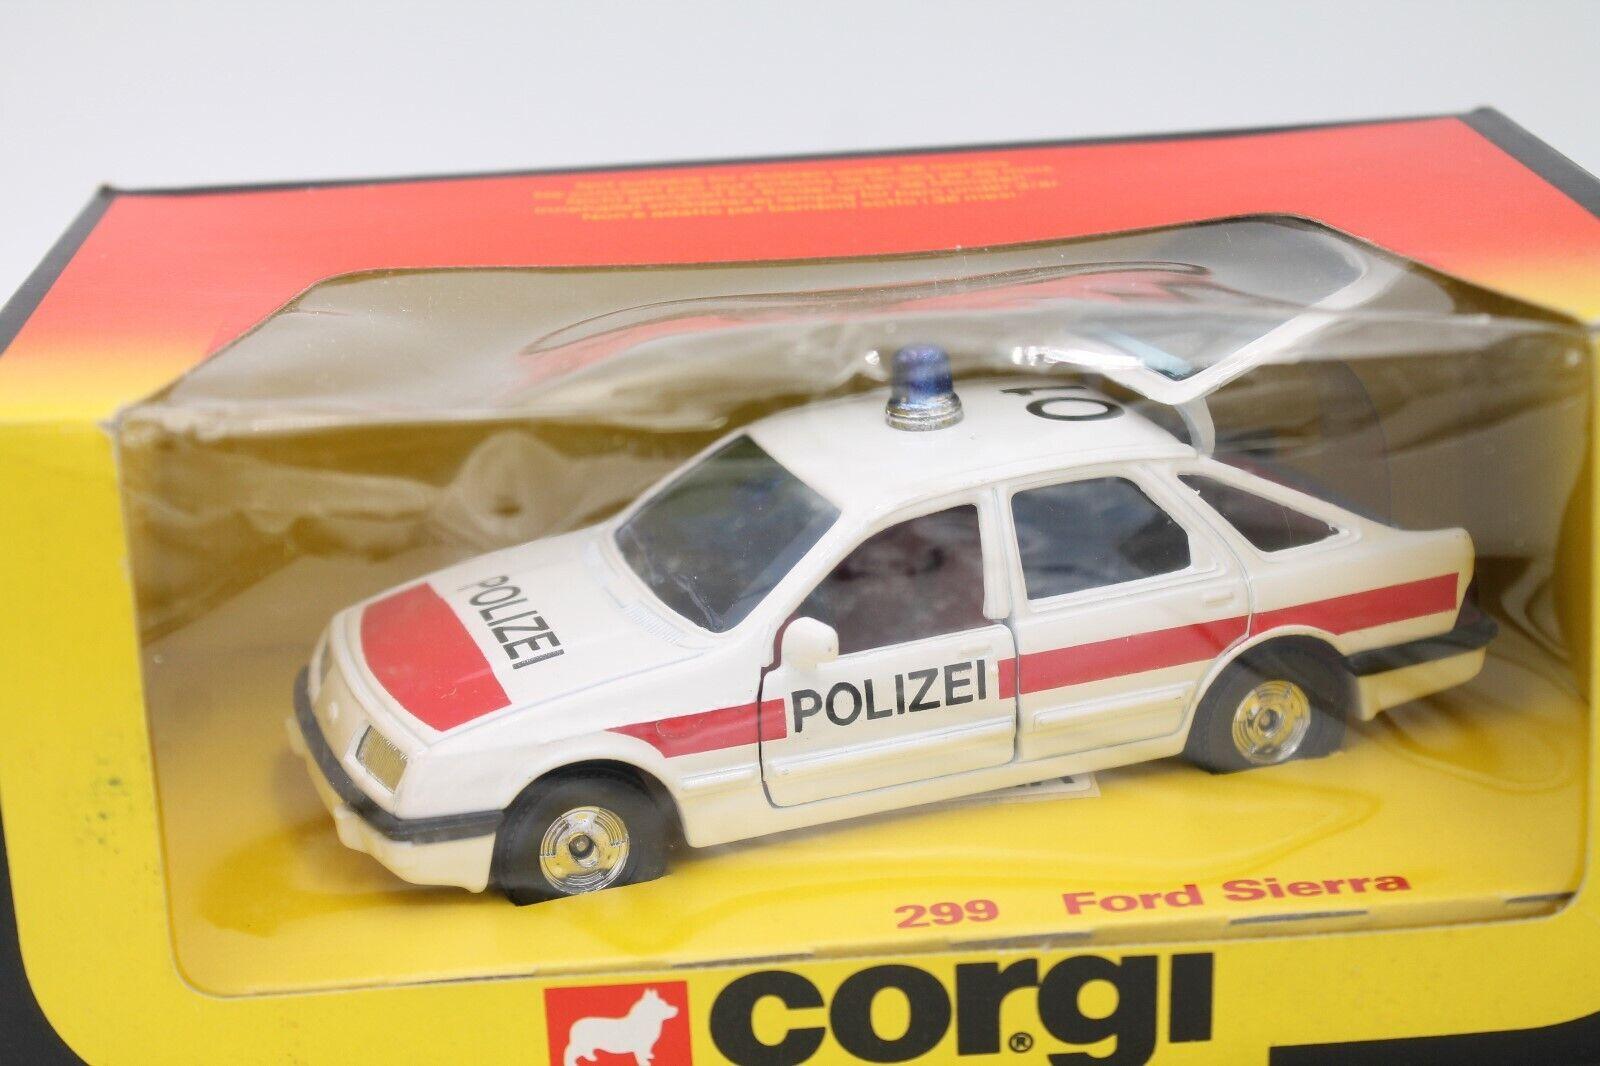 CORGI TOYS 299  FORD SIERRA POLIZEI   1 36  OVP  1983